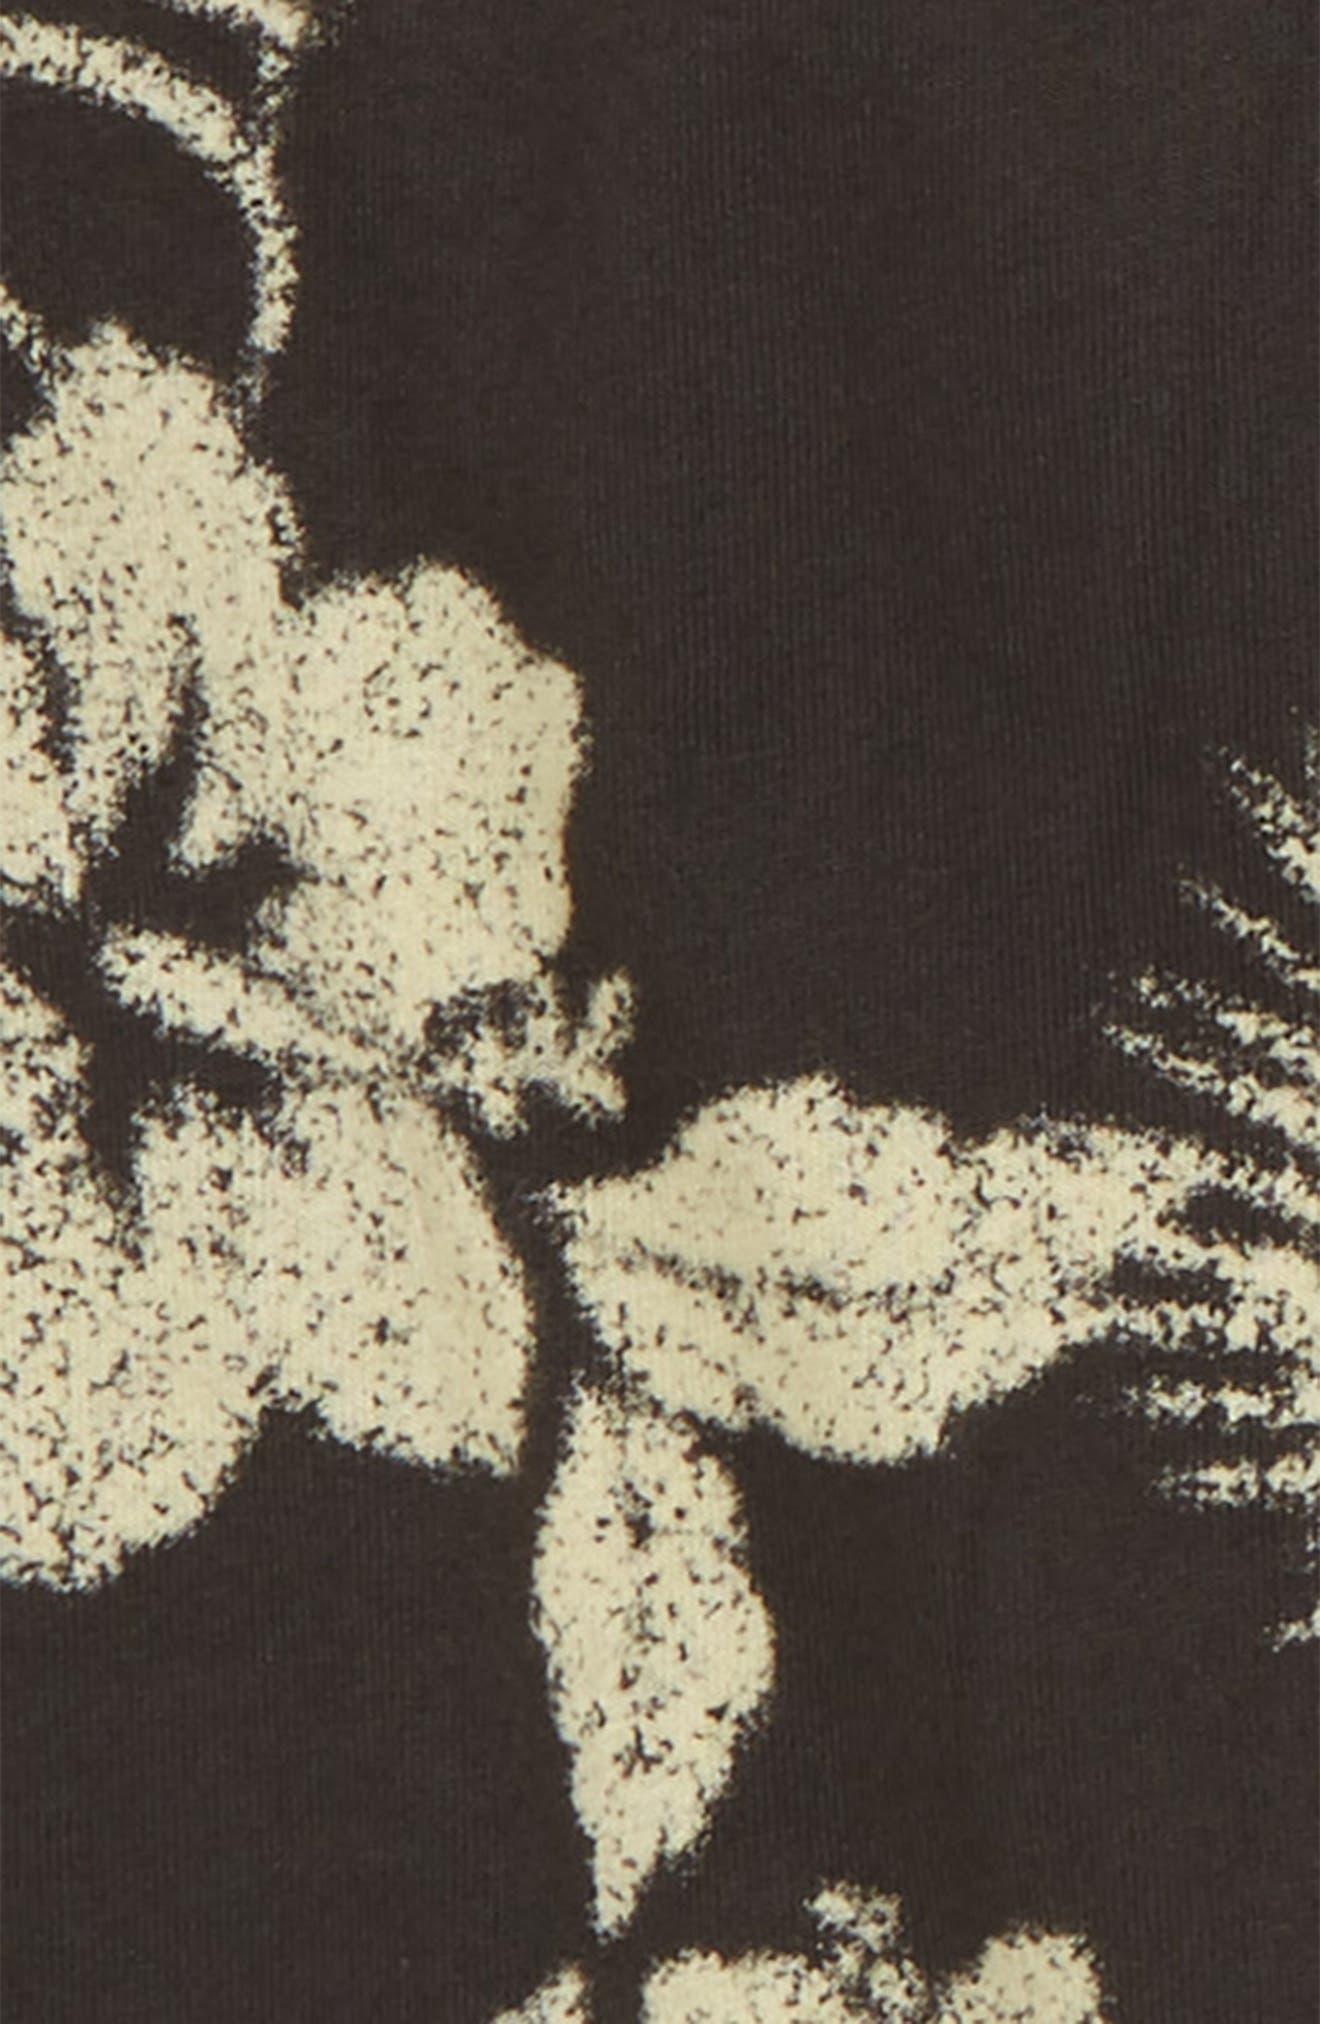 Fleur de Camo Sweatpants,                             Alternate thumbnail 2, color,                             011